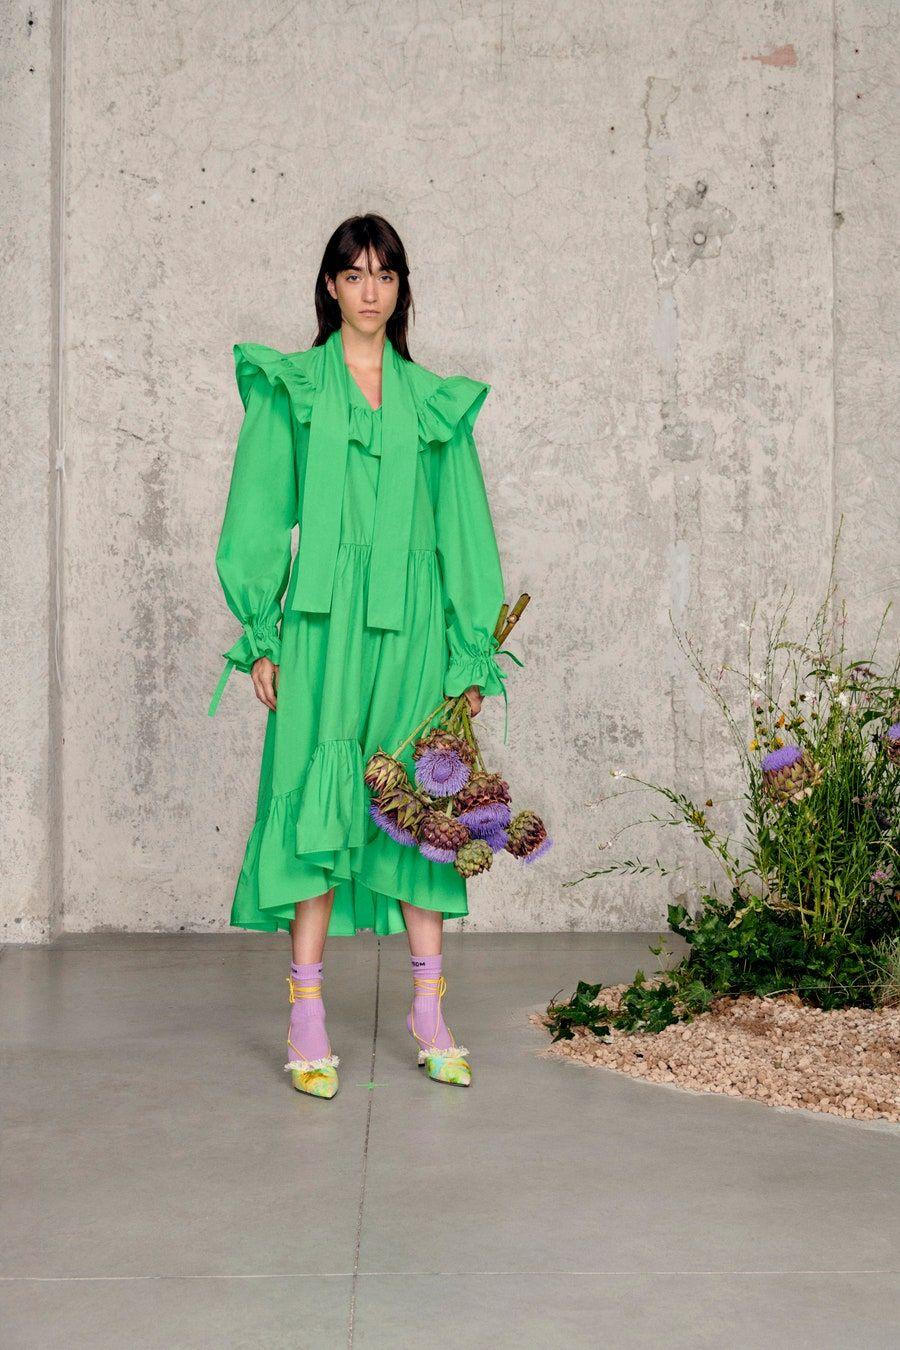 Msgm Resort 2021 Fashion Show In 2020 Fashion Fashion Show Fashion Collection